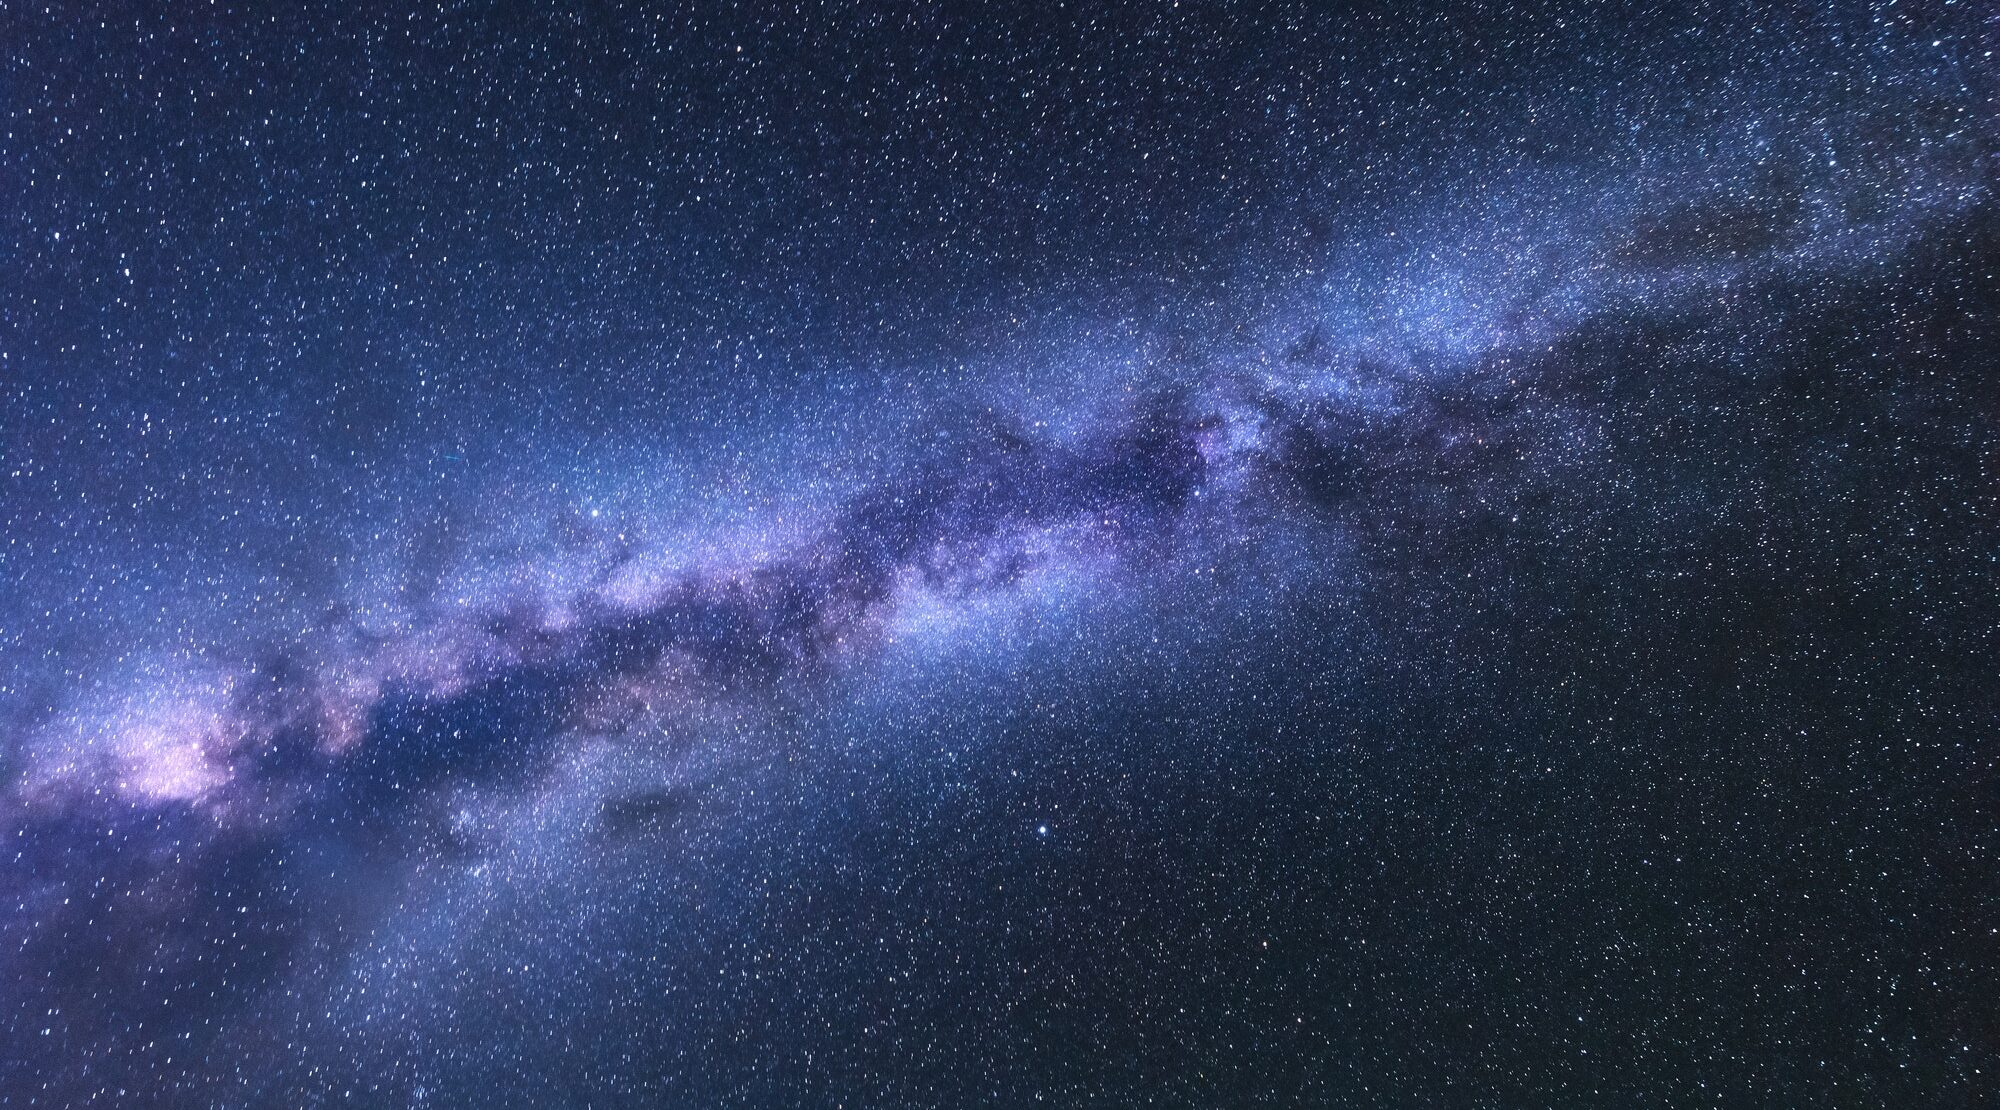 """плакат """"Наблюдение за звездами в заливе Иеранто с ночными прогулками"""""""